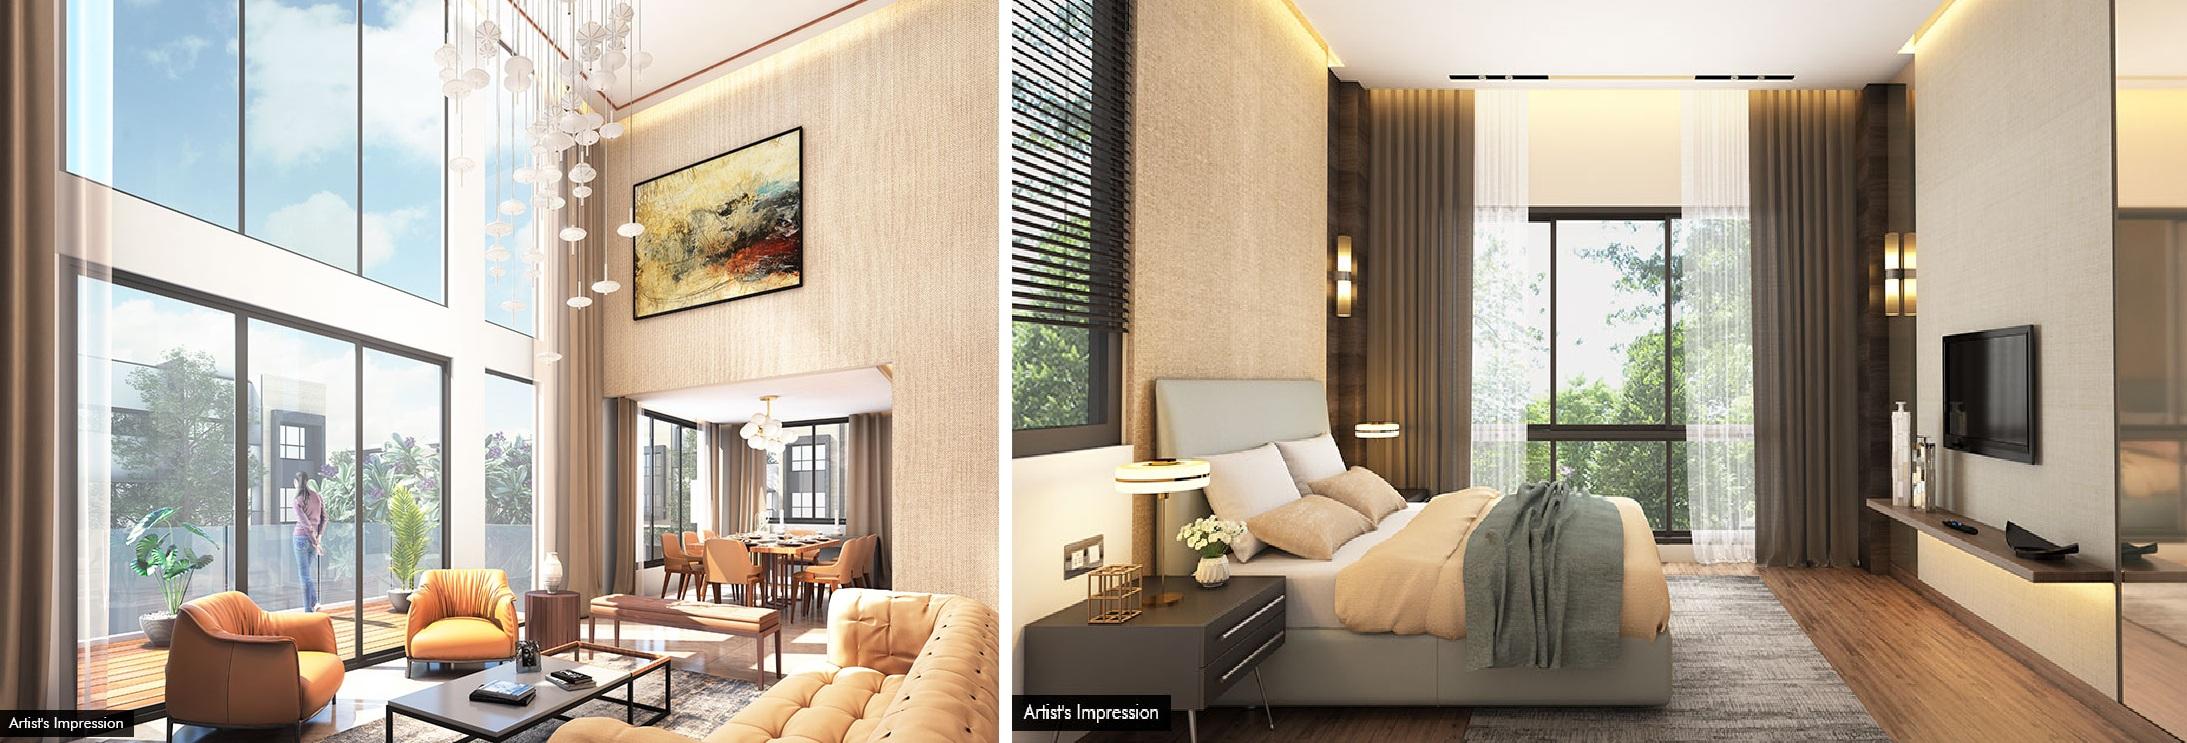 wadhwa magnolia cluster 2 apartment interiors7